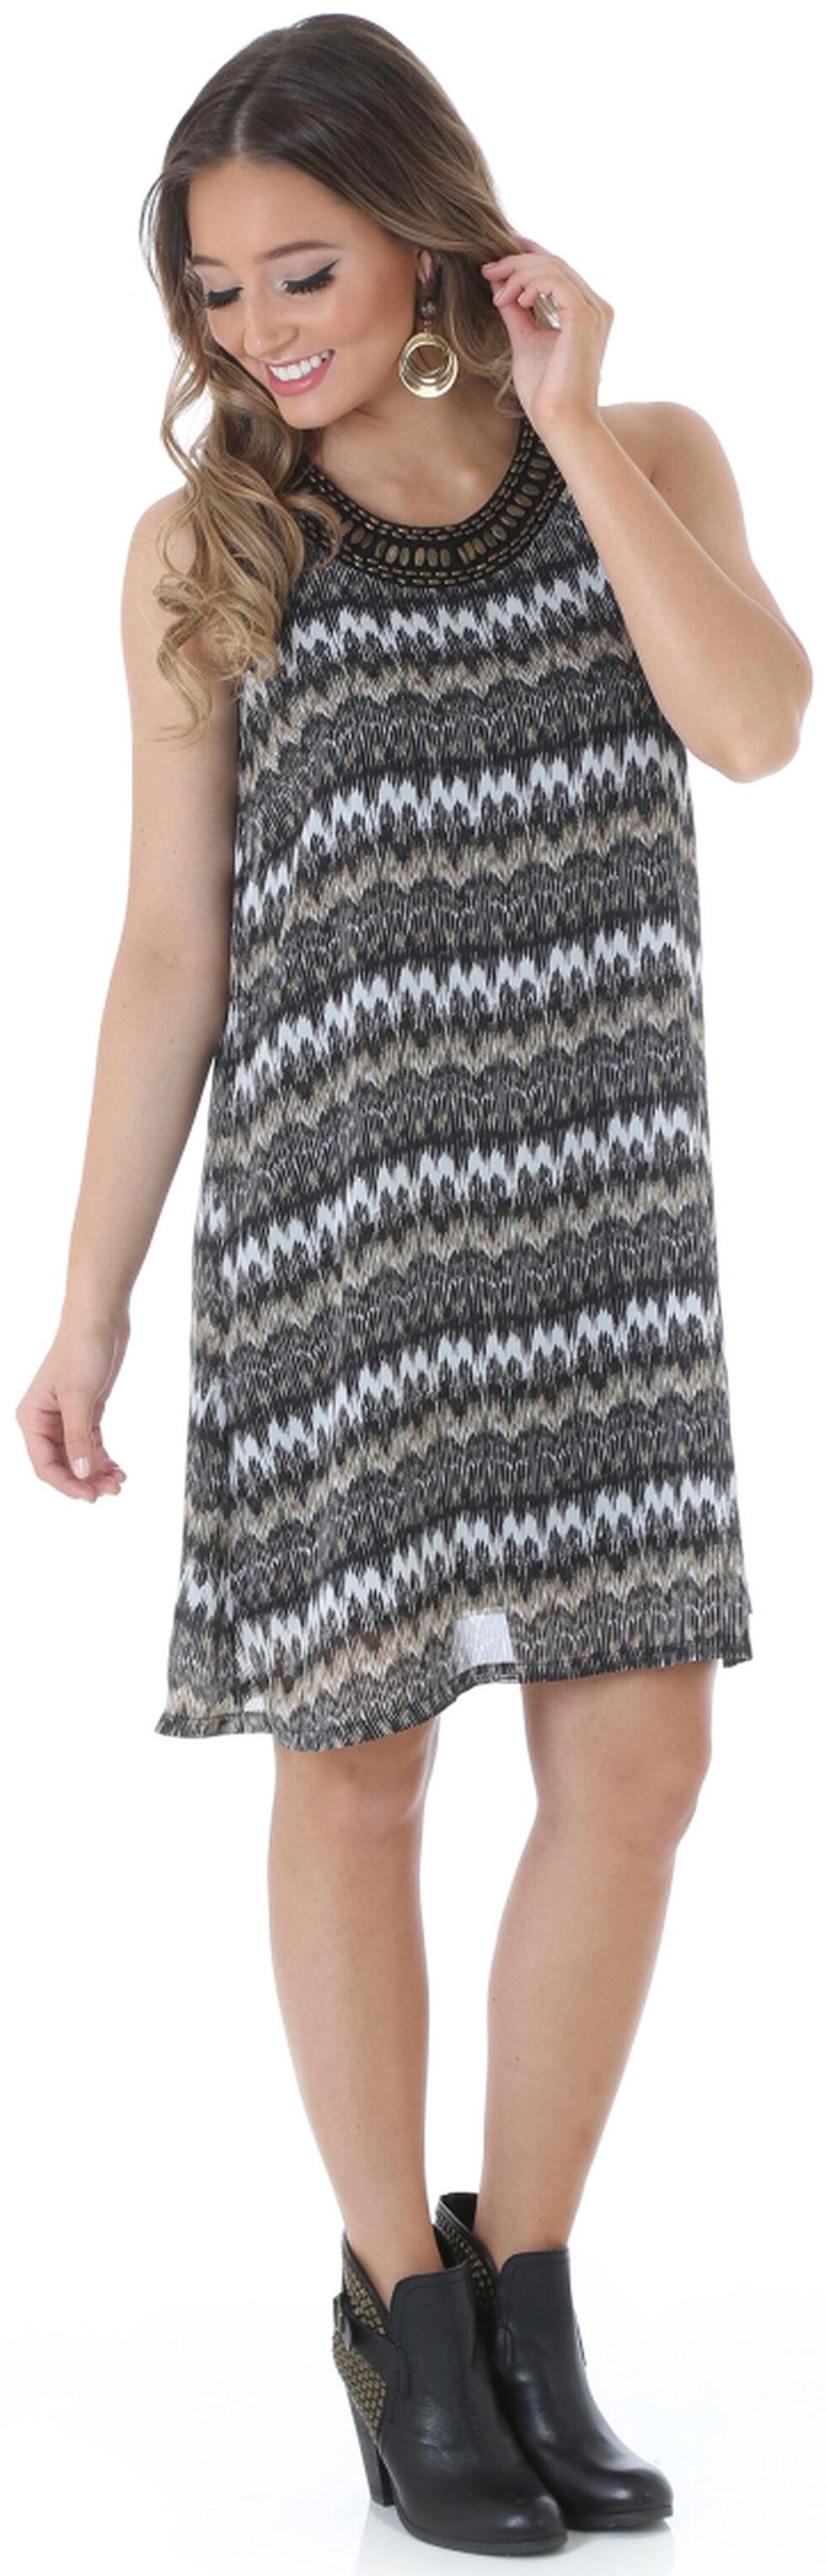 Wrangler Women's Lakeview Embellished Dress, Black, hi-res